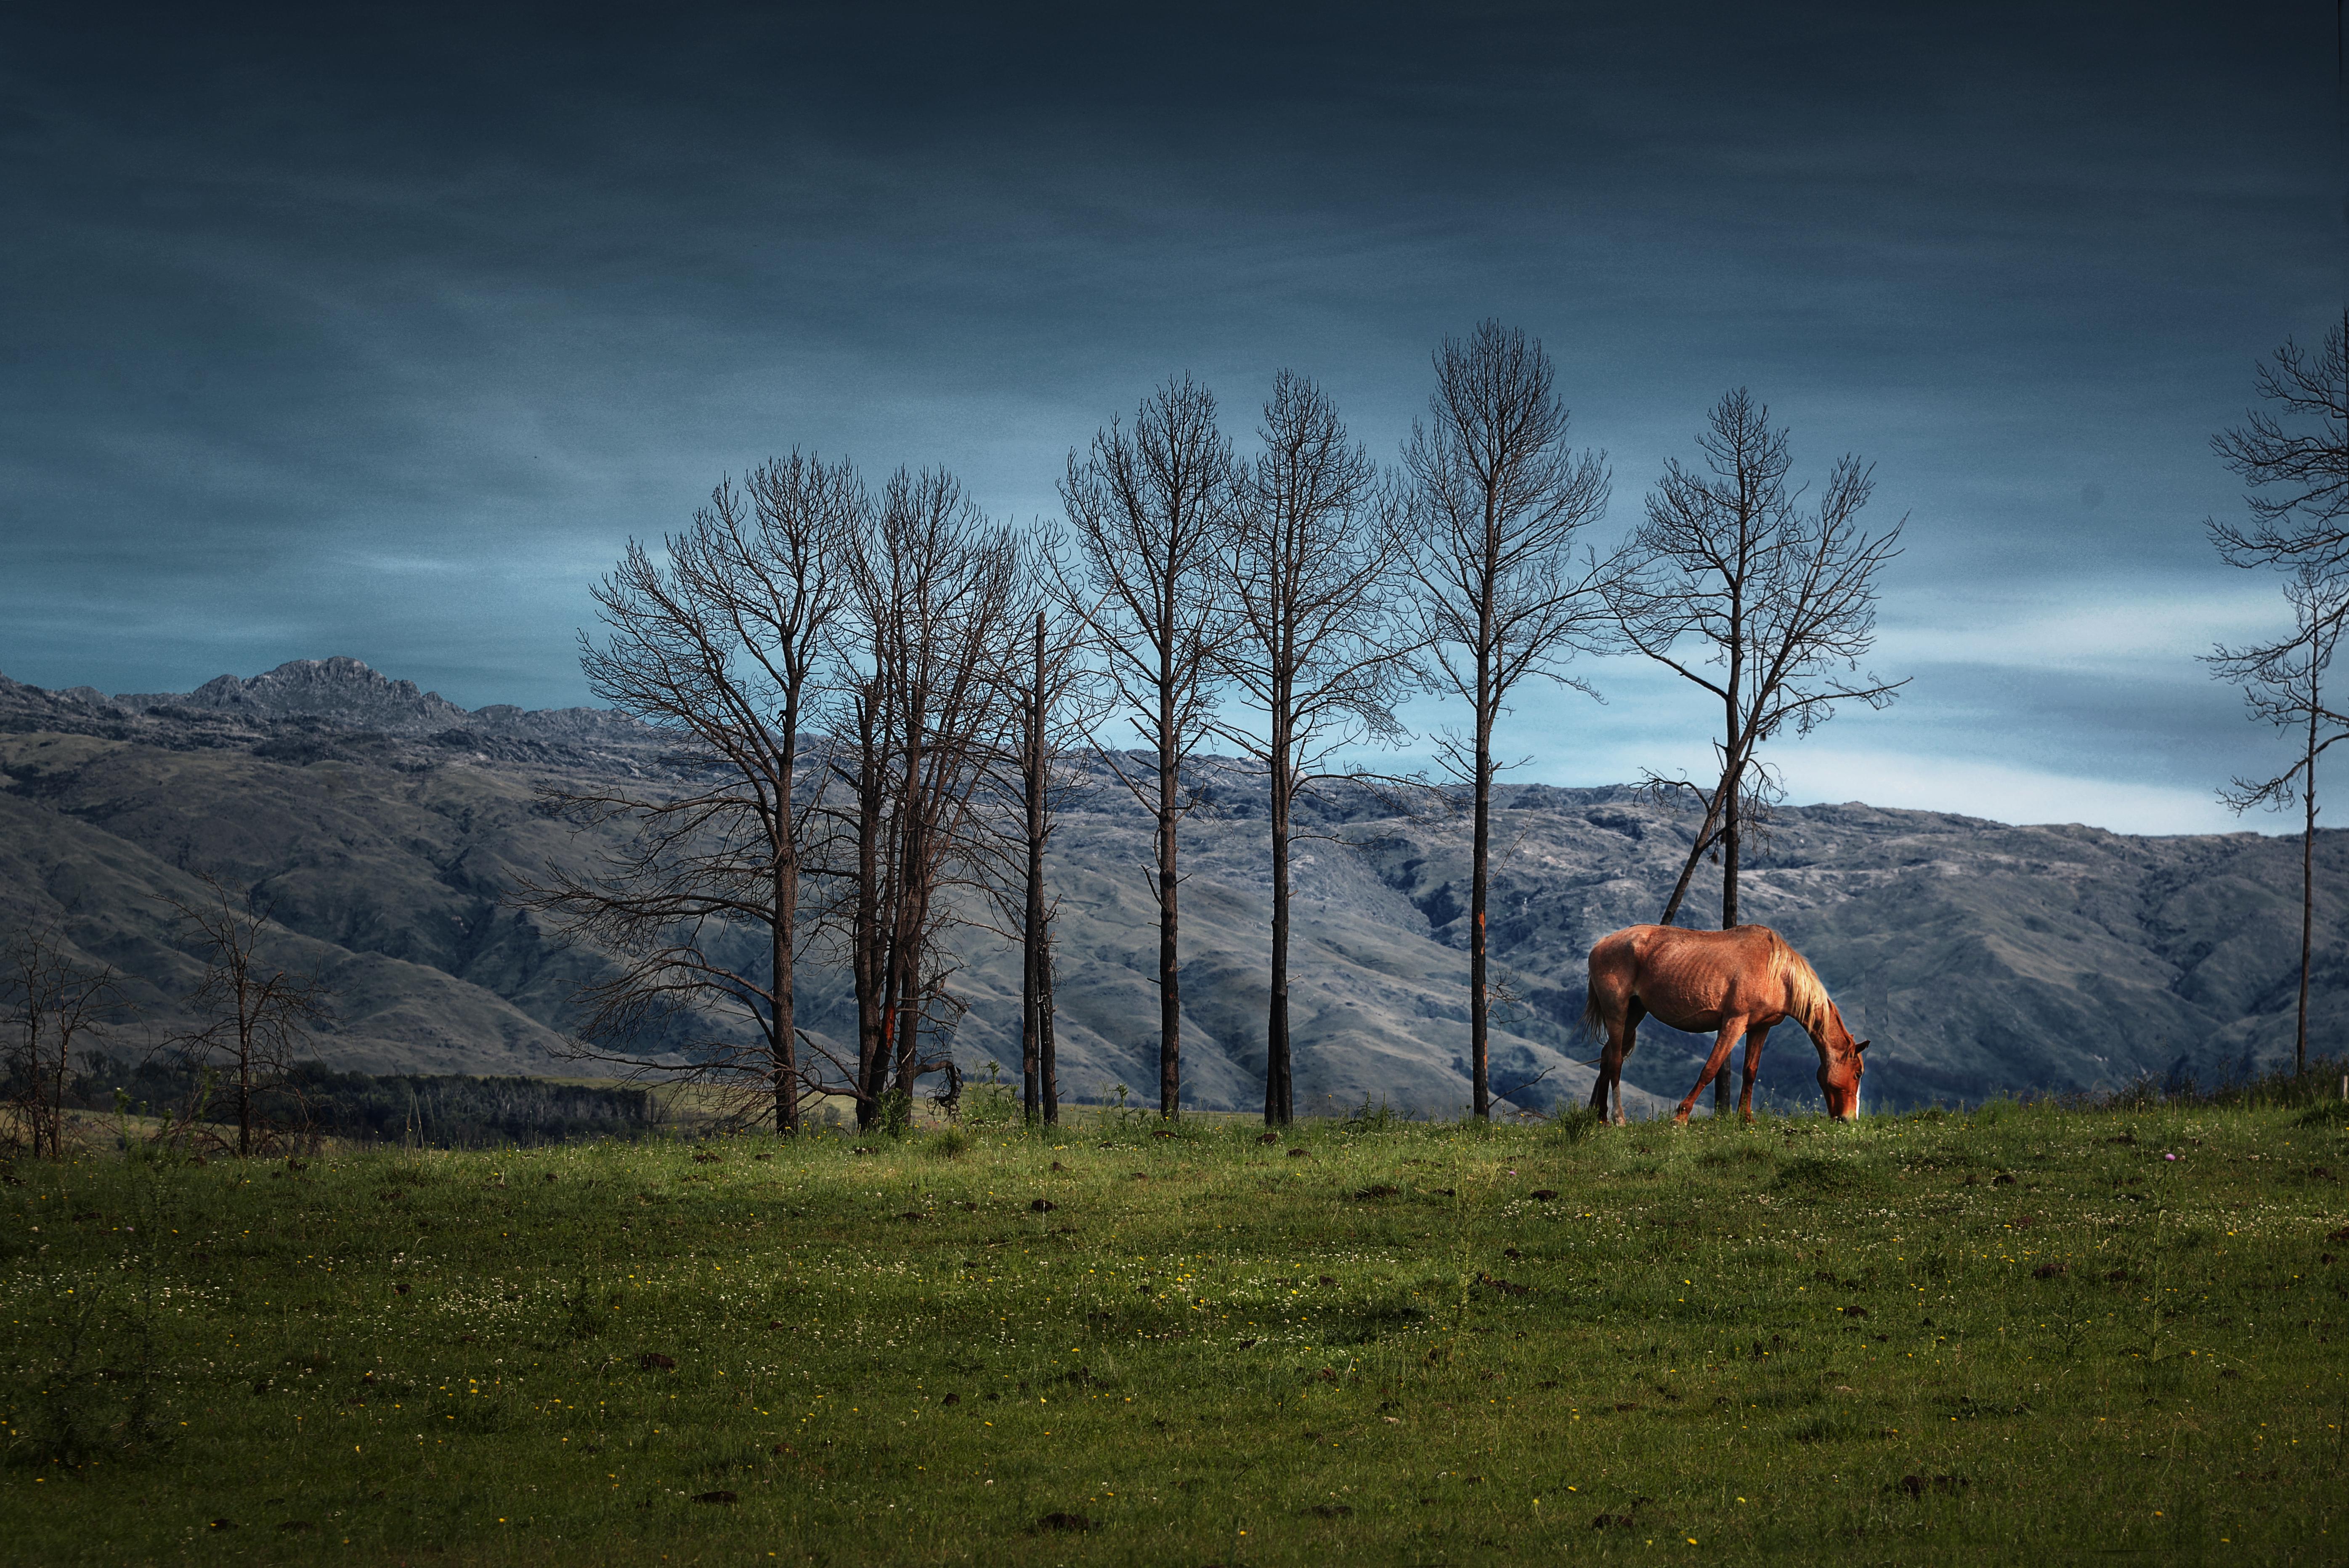 """""""El colorado pastando en las sierras de Yacanto"""" Sierras de Calamuchita, Córdoba, Argentina"""